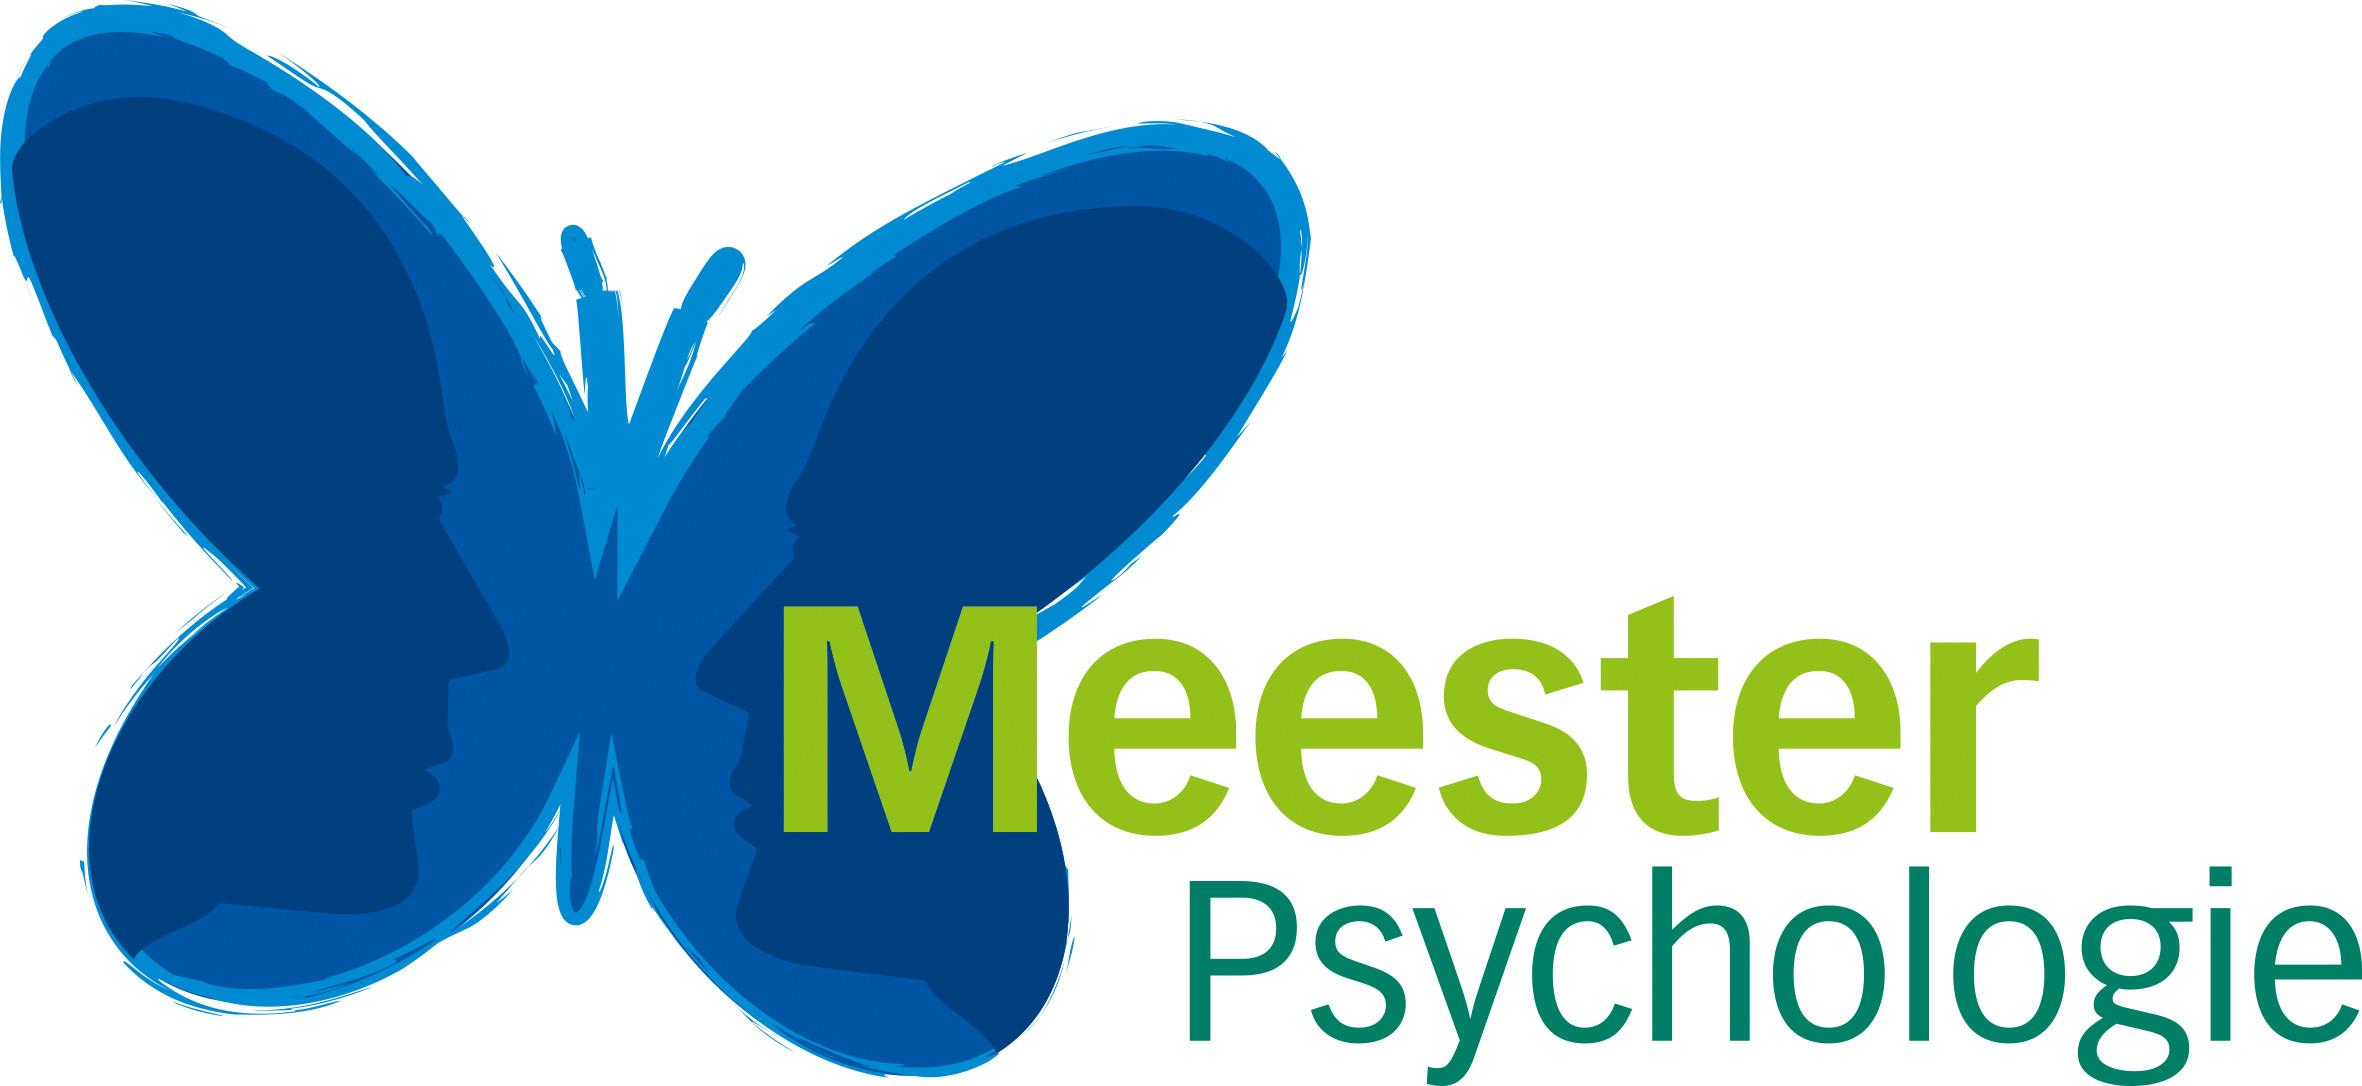 Meester Psychologie logo